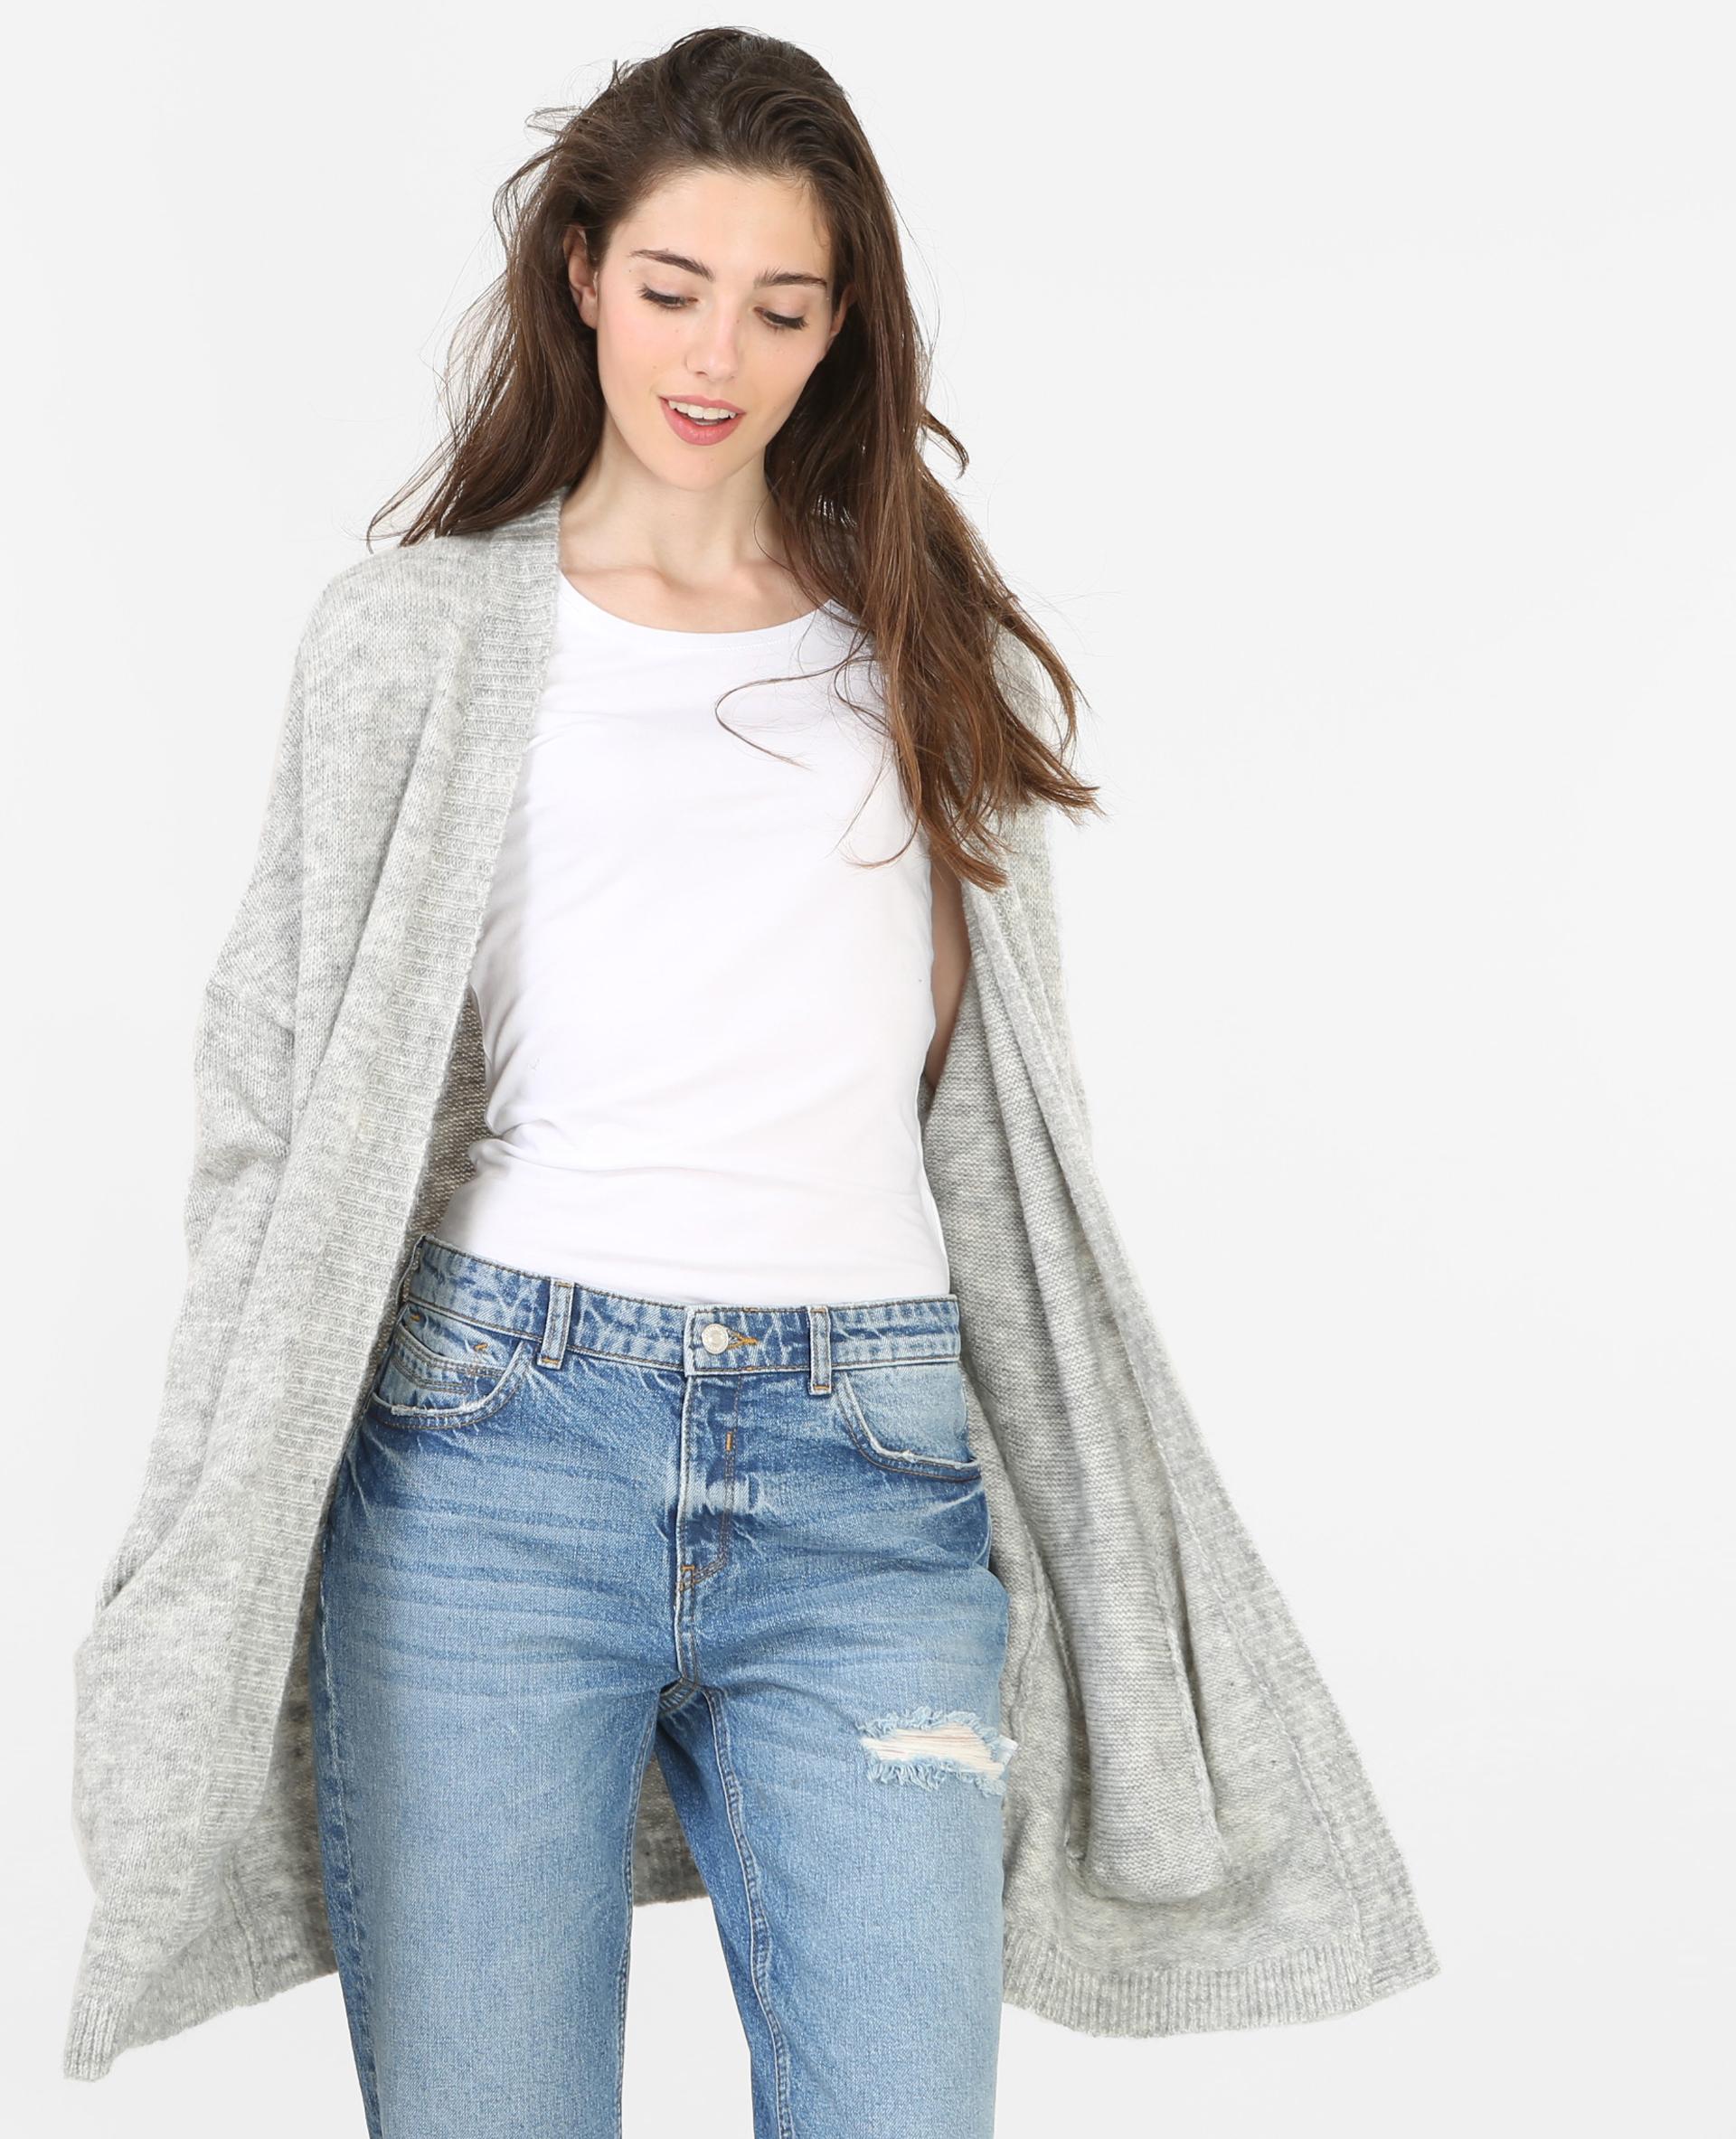 Gilet long femme gris